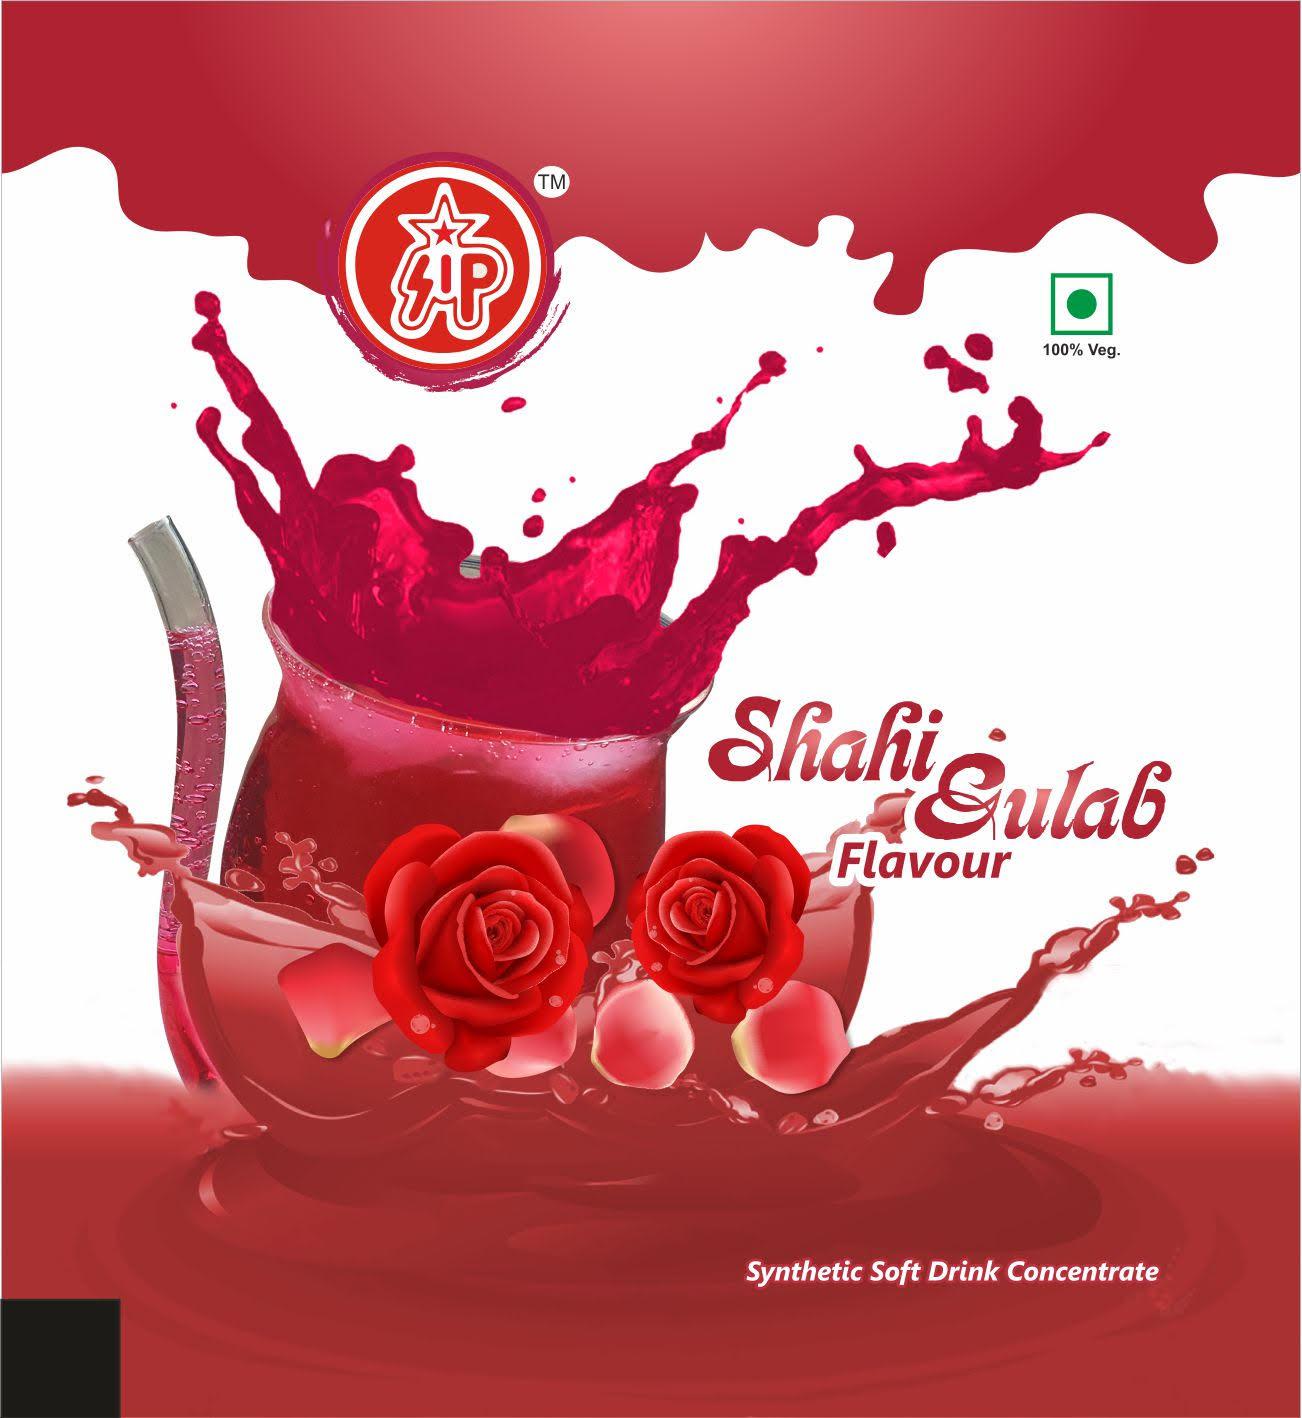 Shahi Gulab Flavor